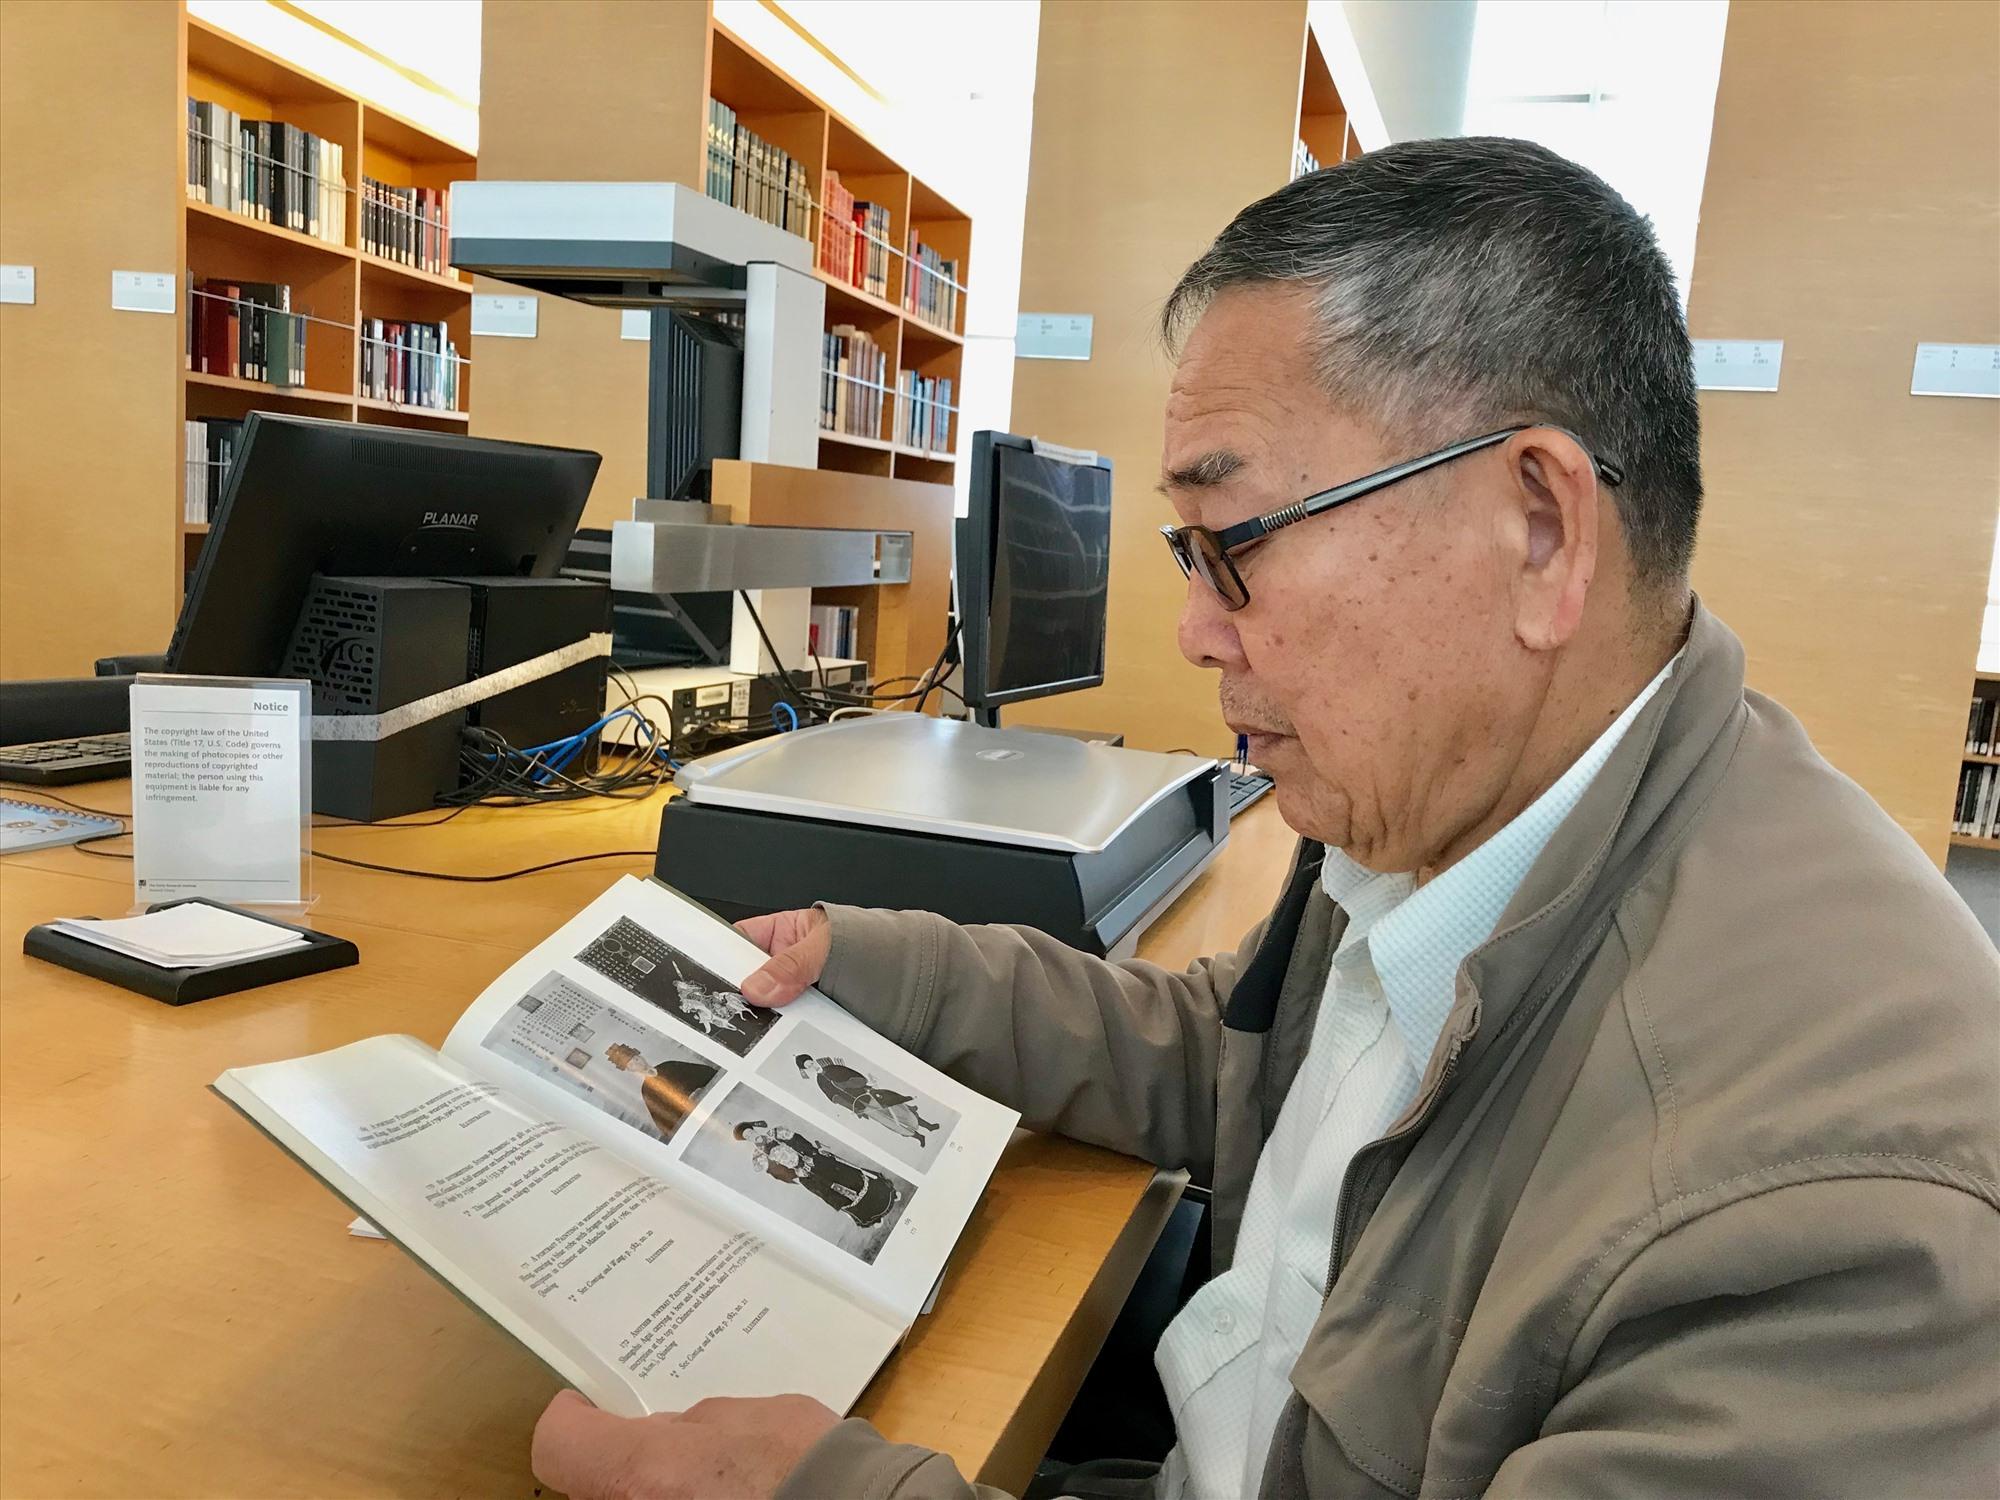 Học giả Nguyễn Duy Chính đi tìm bức chân dung của vua Quang Trung trong Thư viện Getty ở California, Hoa Kỳ. Ảnh: T. H.BÍCH